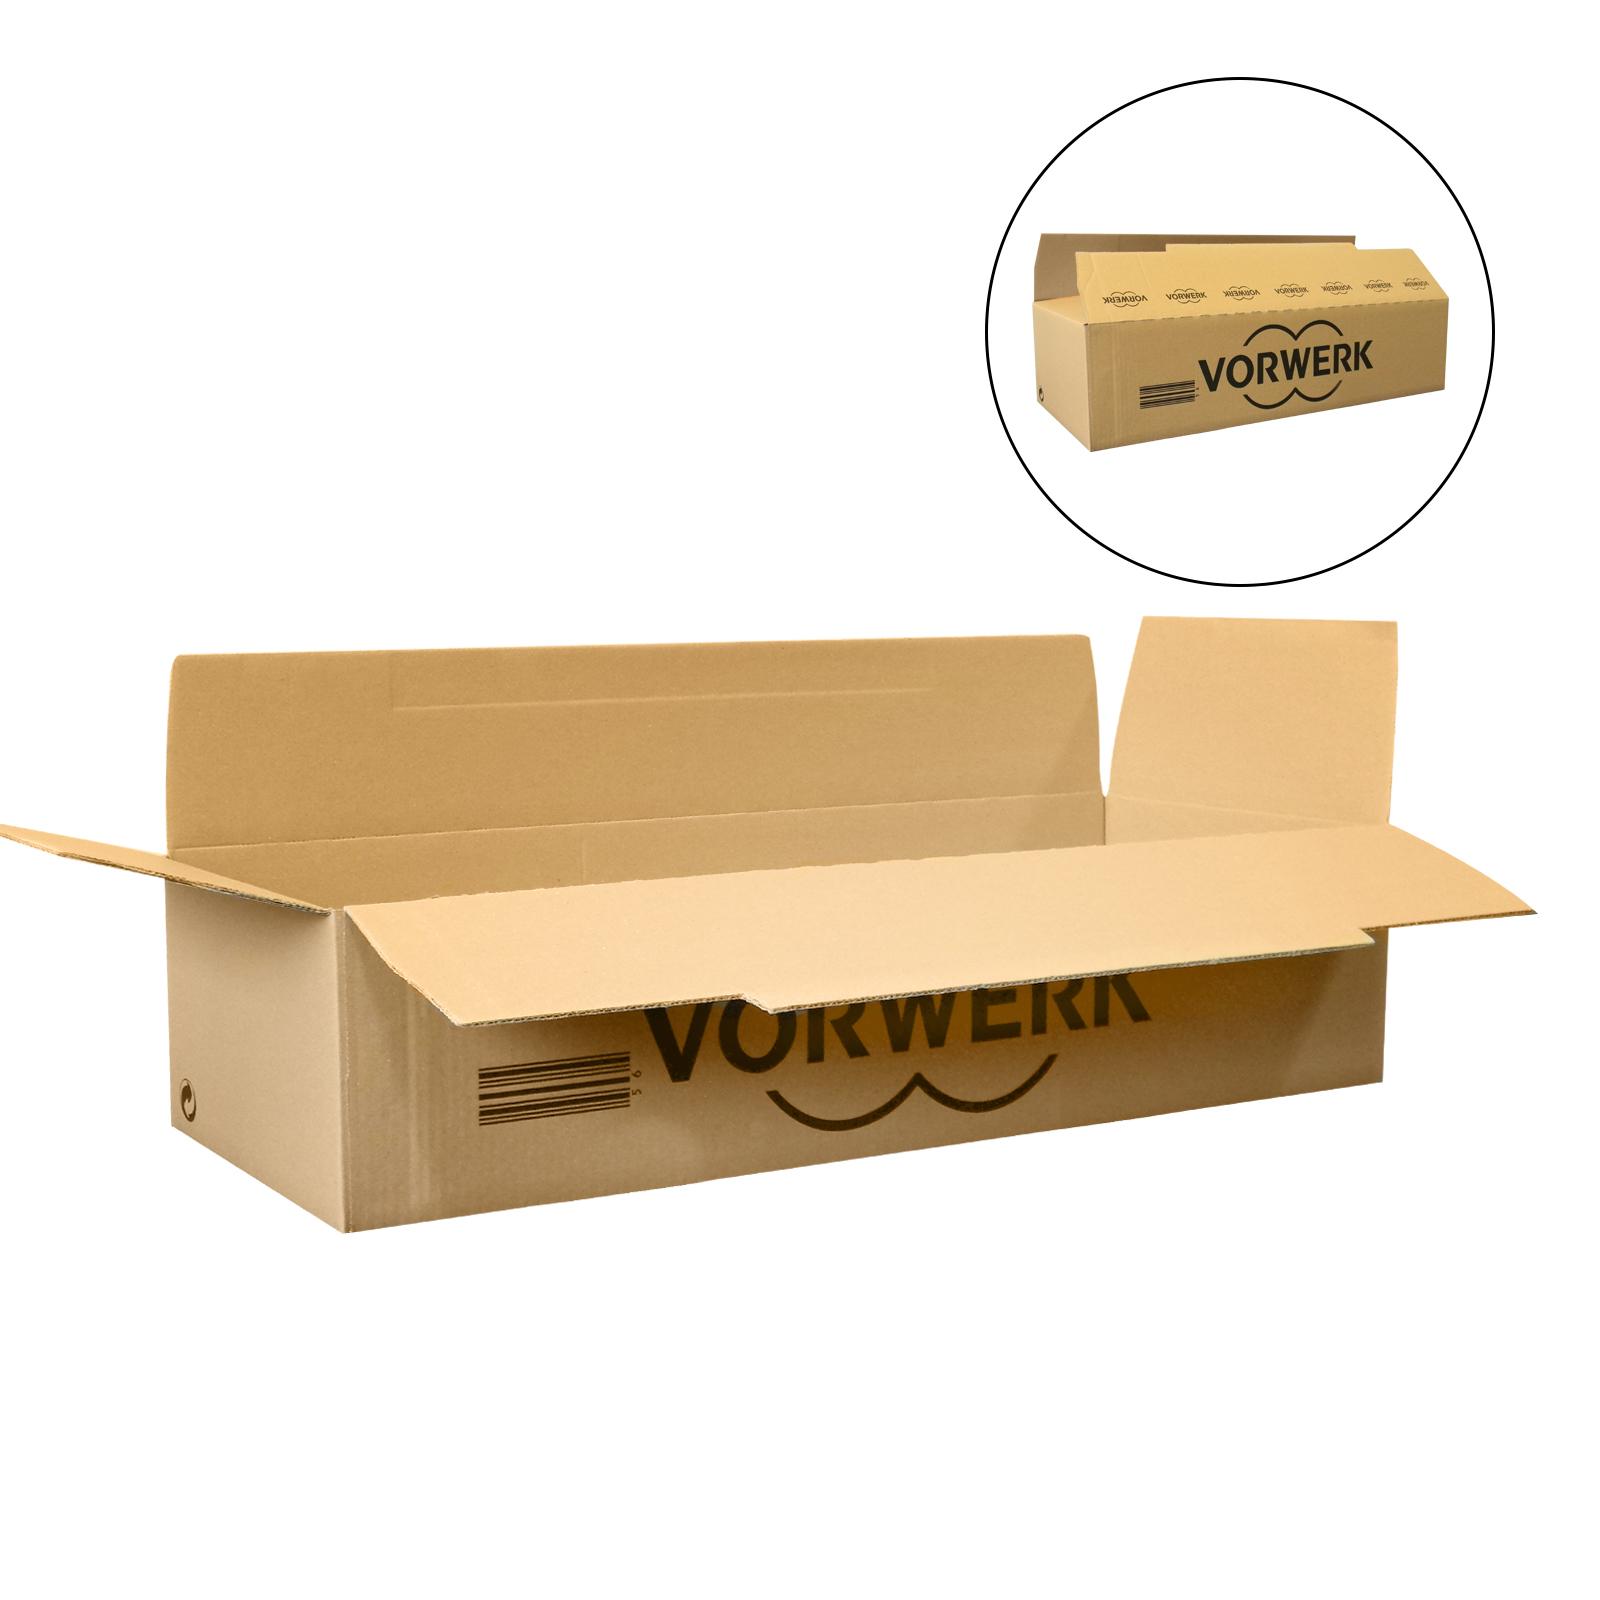 1xPalette mit 300 Verpackungs- / Falt- / Versandkartons 70x23,5x17cm mit Werbung